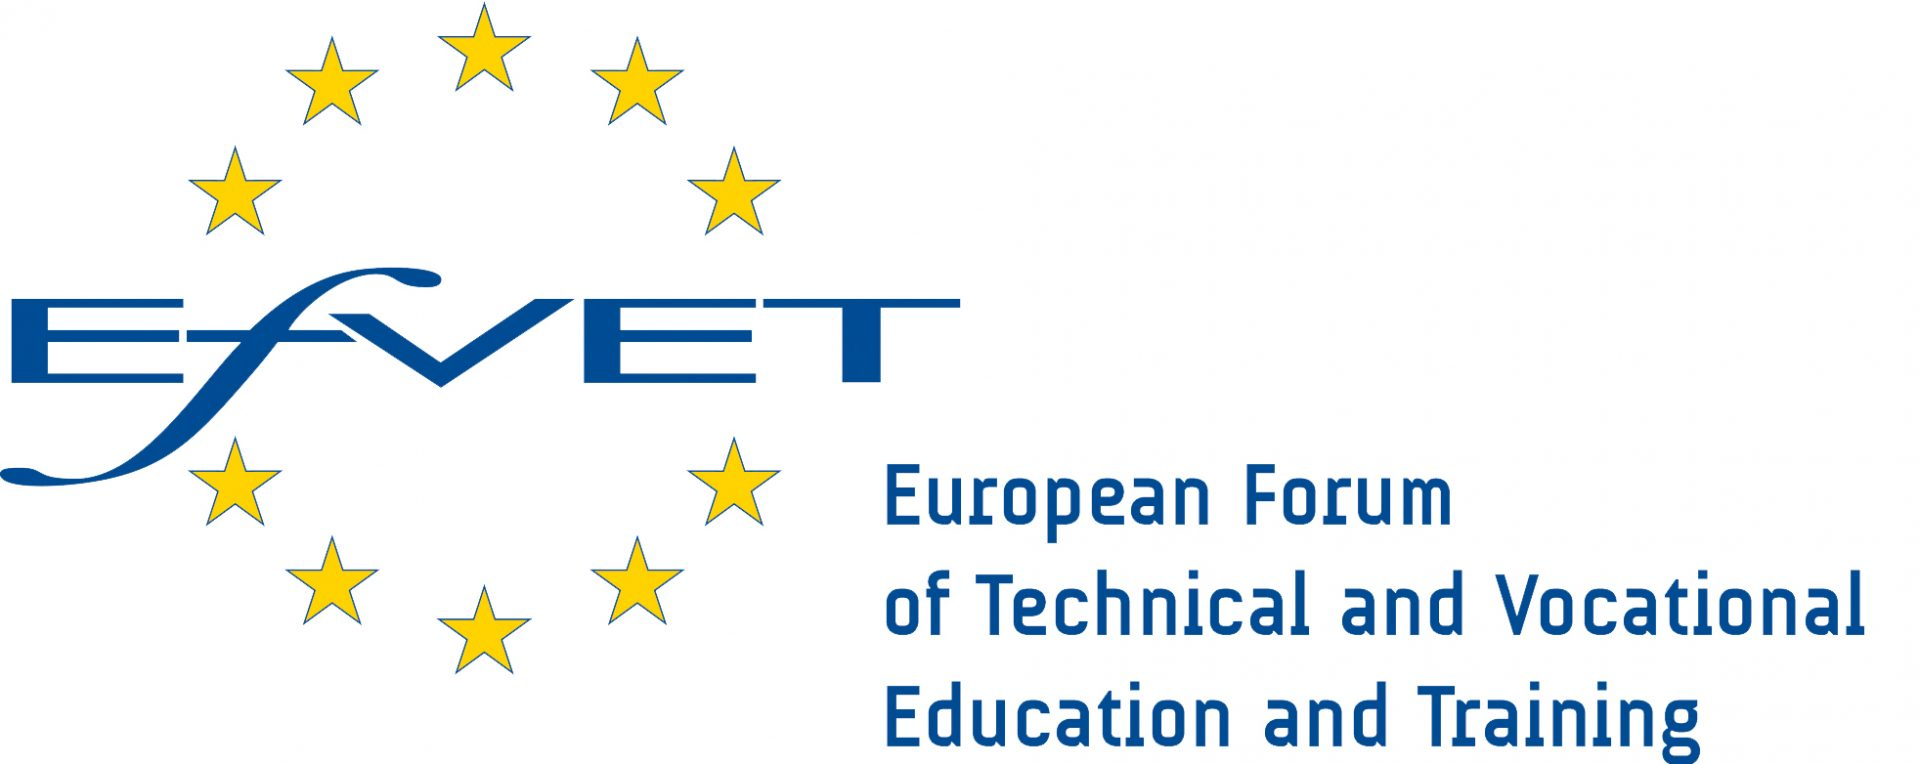 EfVET-logo-copy-TRANSP